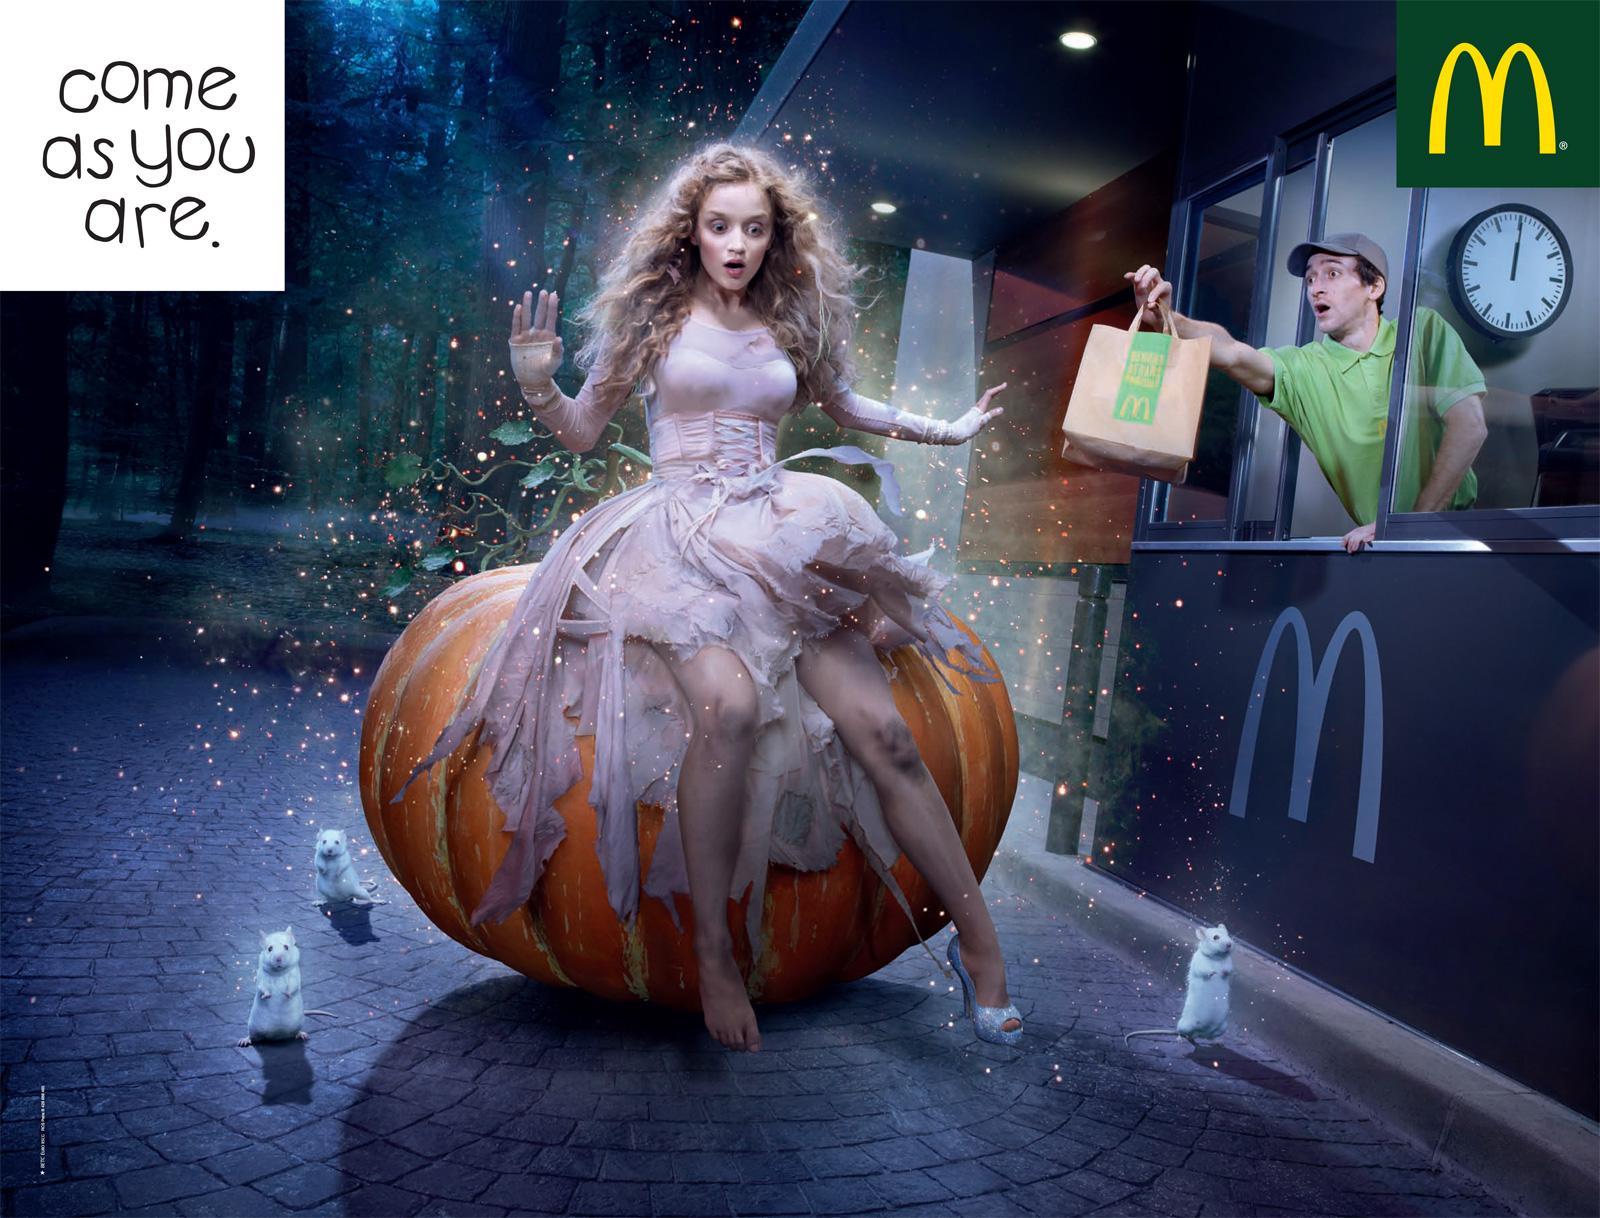 http://2.bp.blogspot.com/_42nL05s3A-8/TMCXLkpxbJI/AAAAAAAAC_4/kNbZ3LjCySY/s1600/McDonalds-Cinderella.jpg